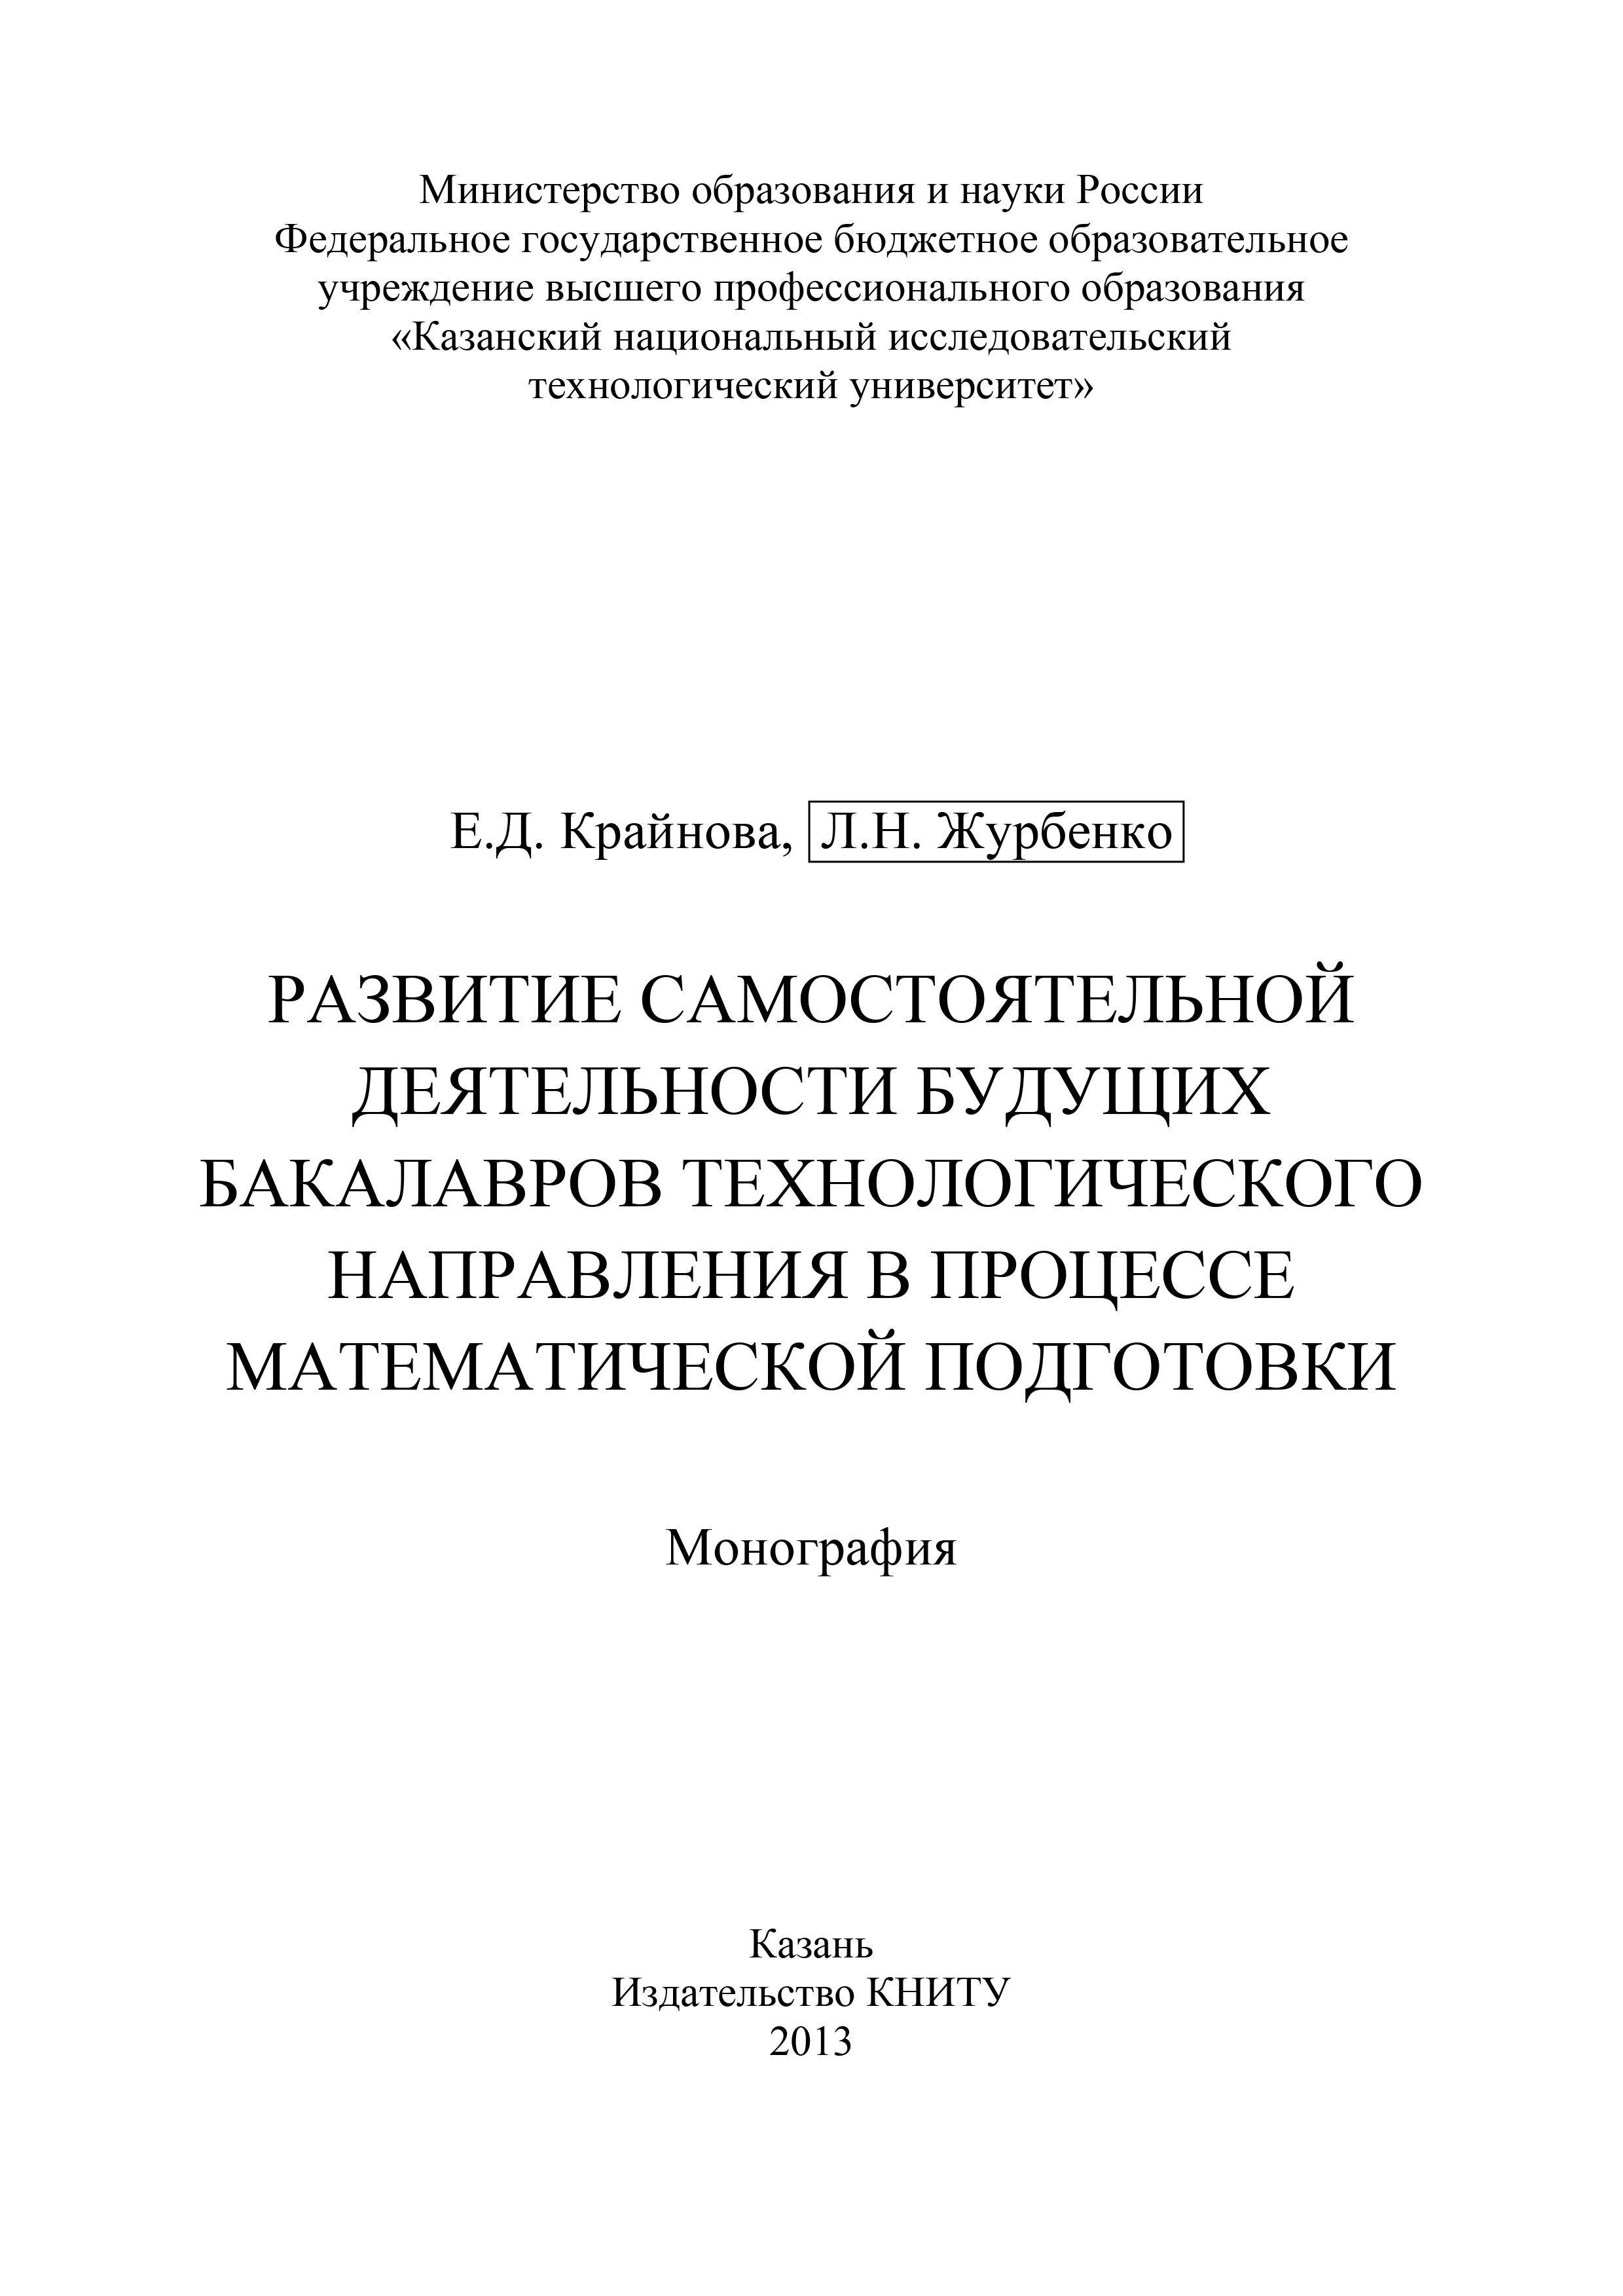 Л. Журбенко Развитие самостоятельной деятельности будущих бакалавров технологического направления в процессе математической подготовки